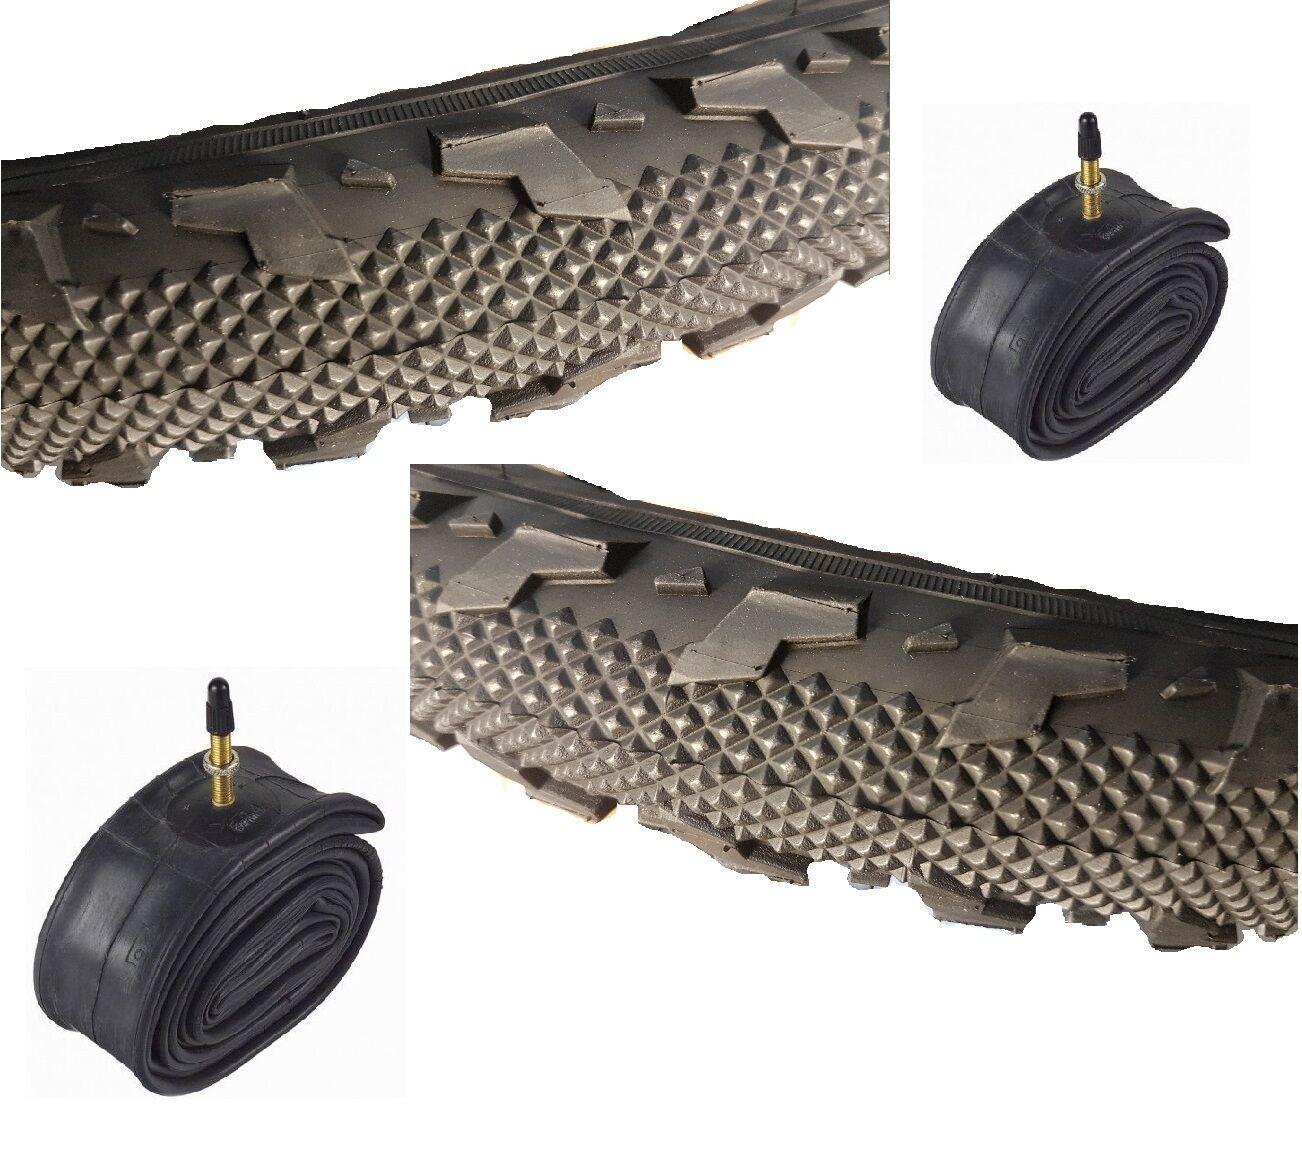 Paar 18x2.125      Off Straßenreifen E-515-01 mit Hohem Qualität Reifen Schläuche  for sale